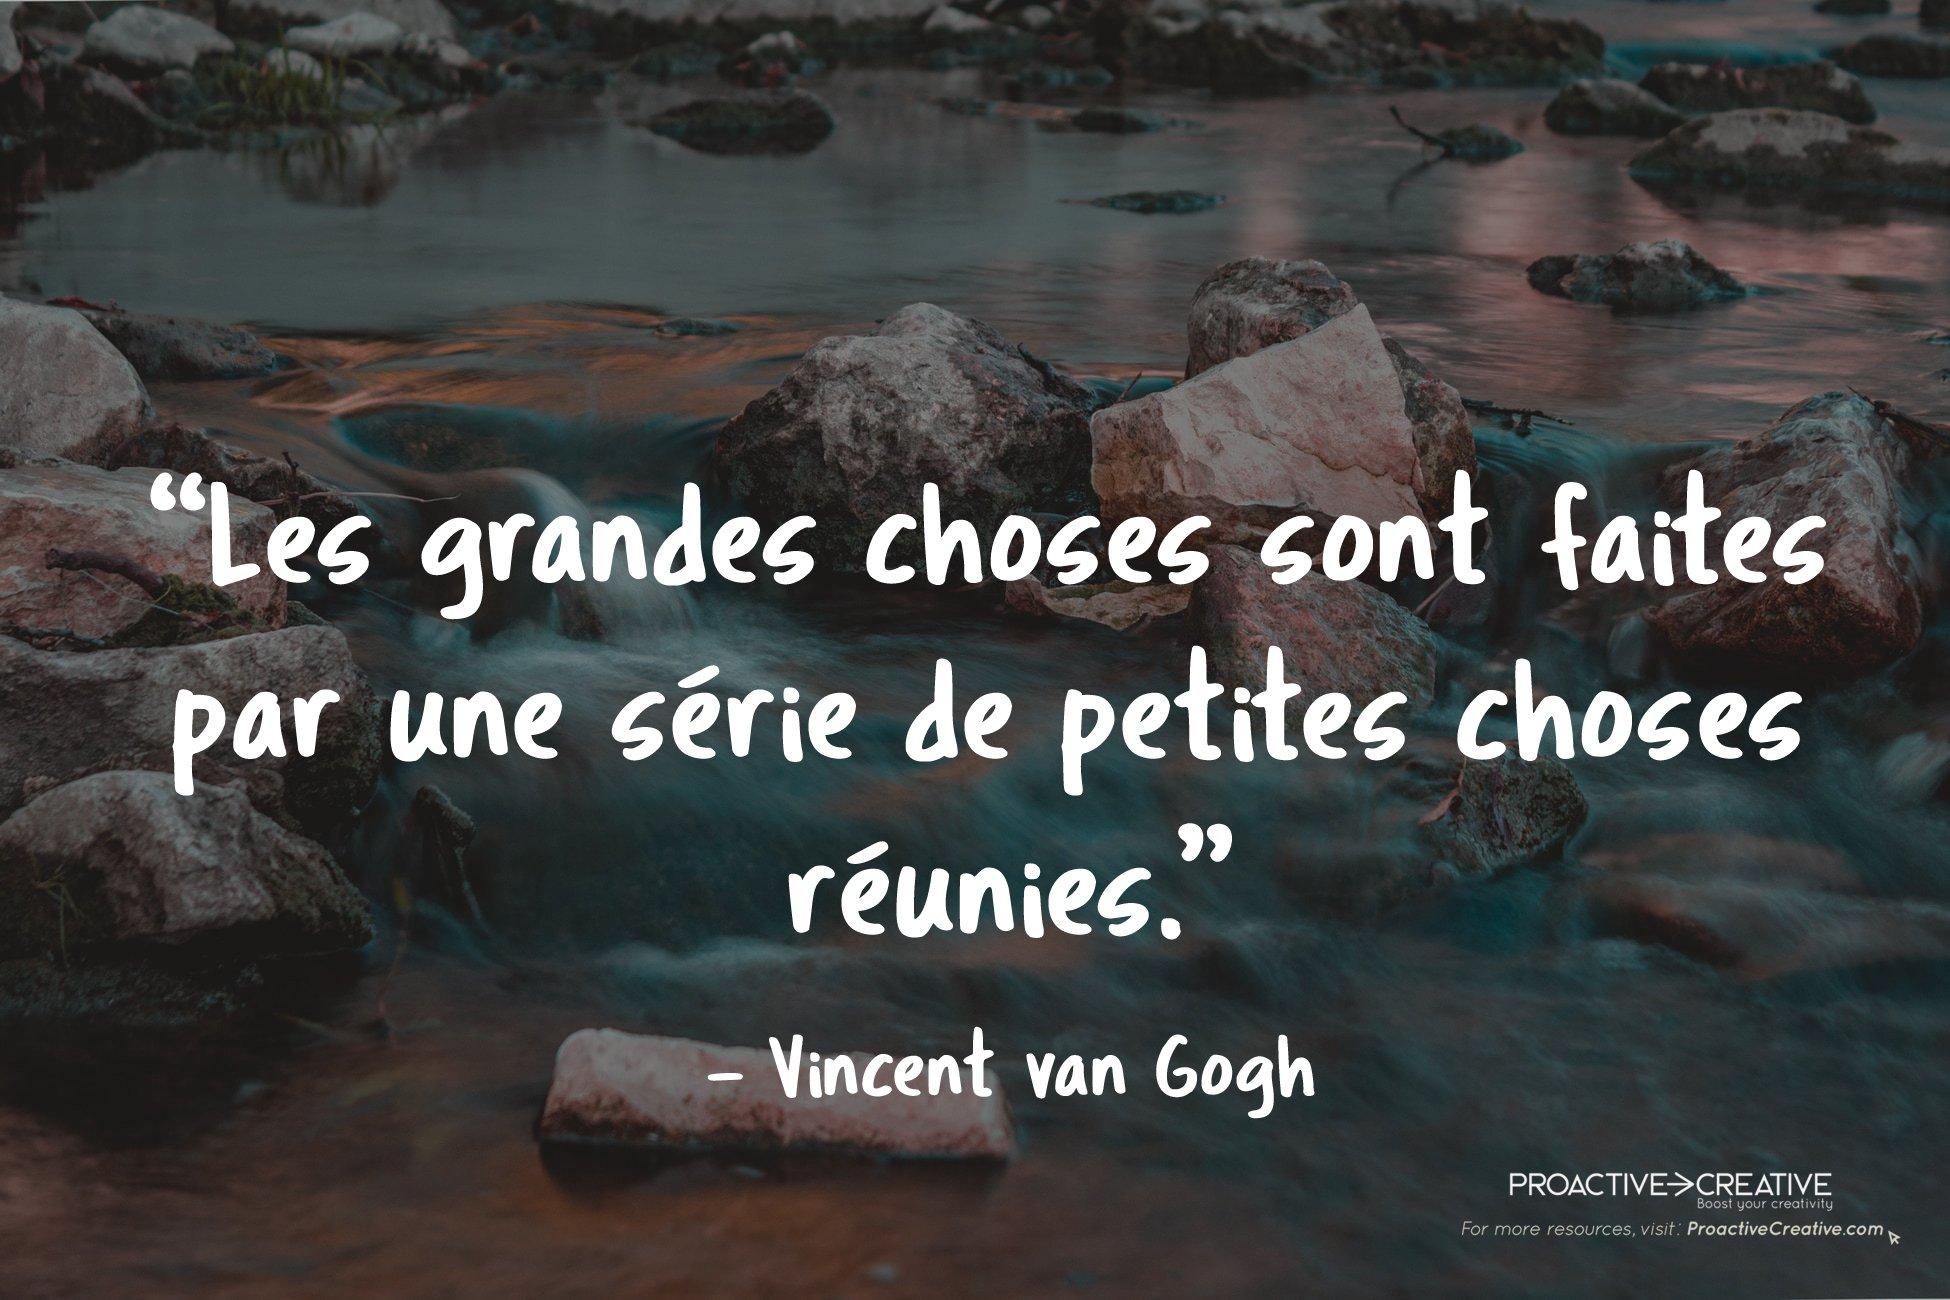 Vincent Van Gogh - Citations inspirantes